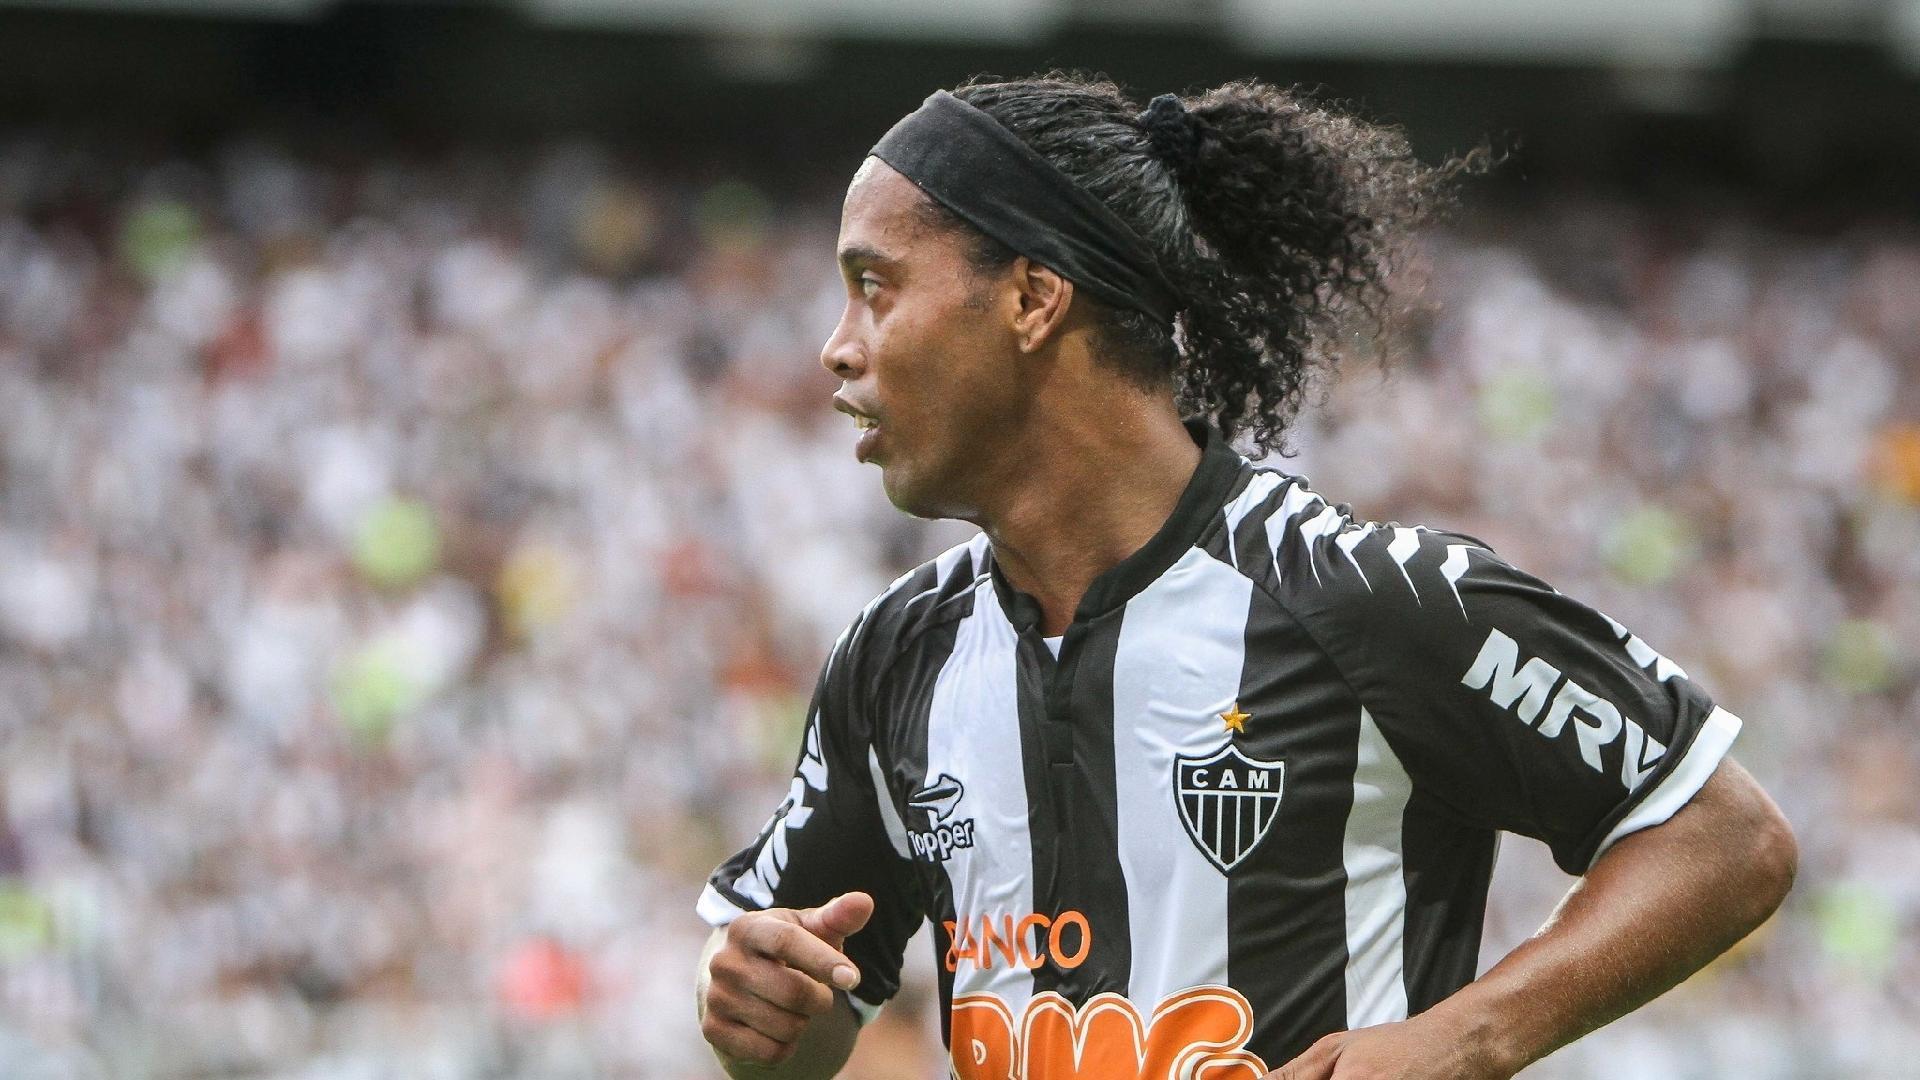 Ronaldinho Gaúcho fez 88 jogos com a camisa do Atlético-MG e entrou para a história do clube